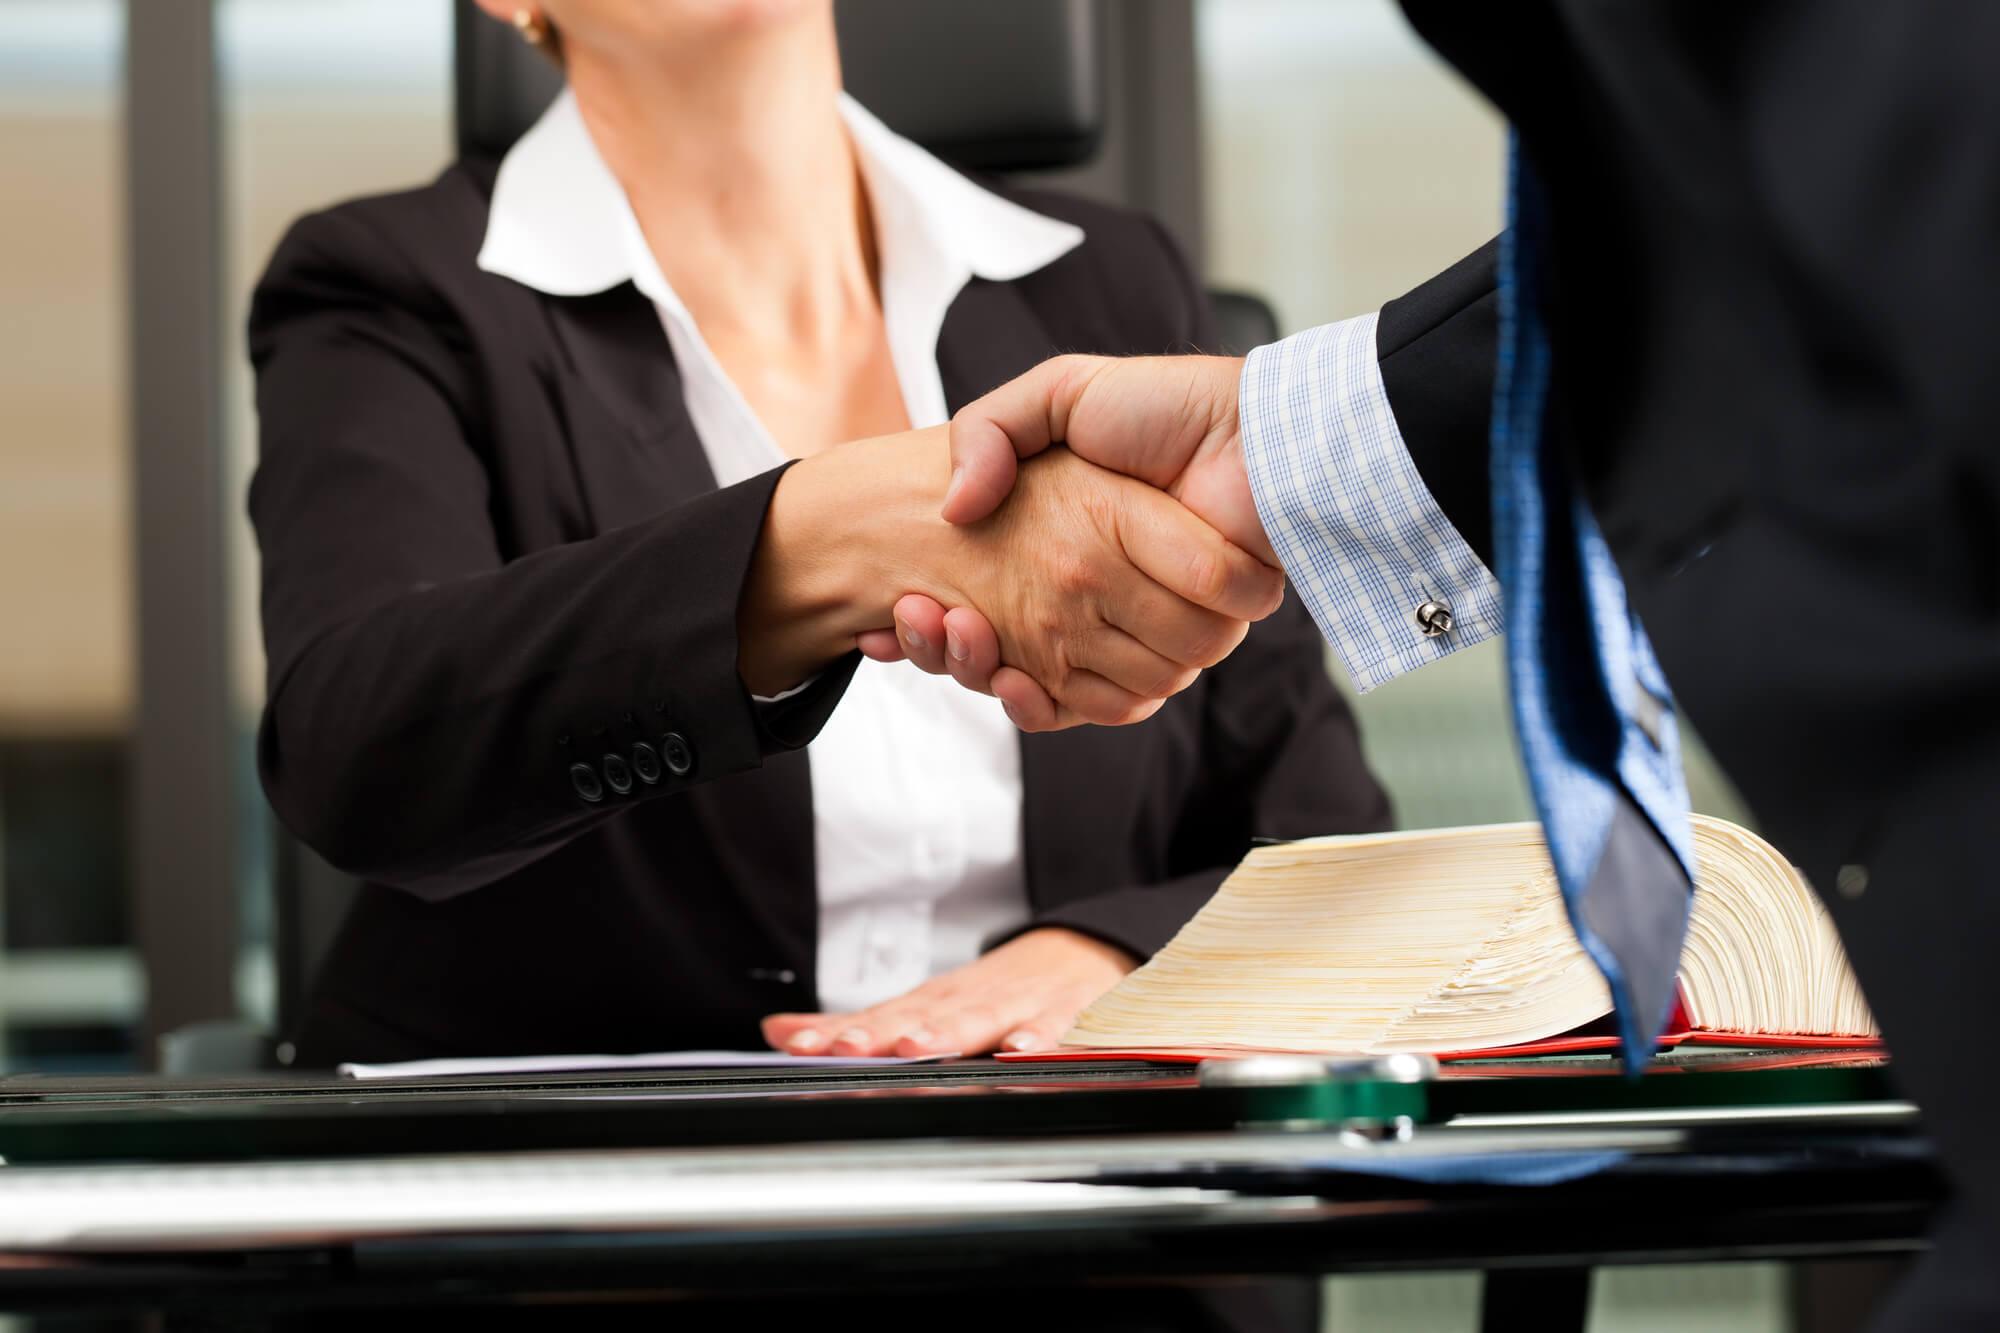 картинка консультация для бизнеса годы совместной жизни